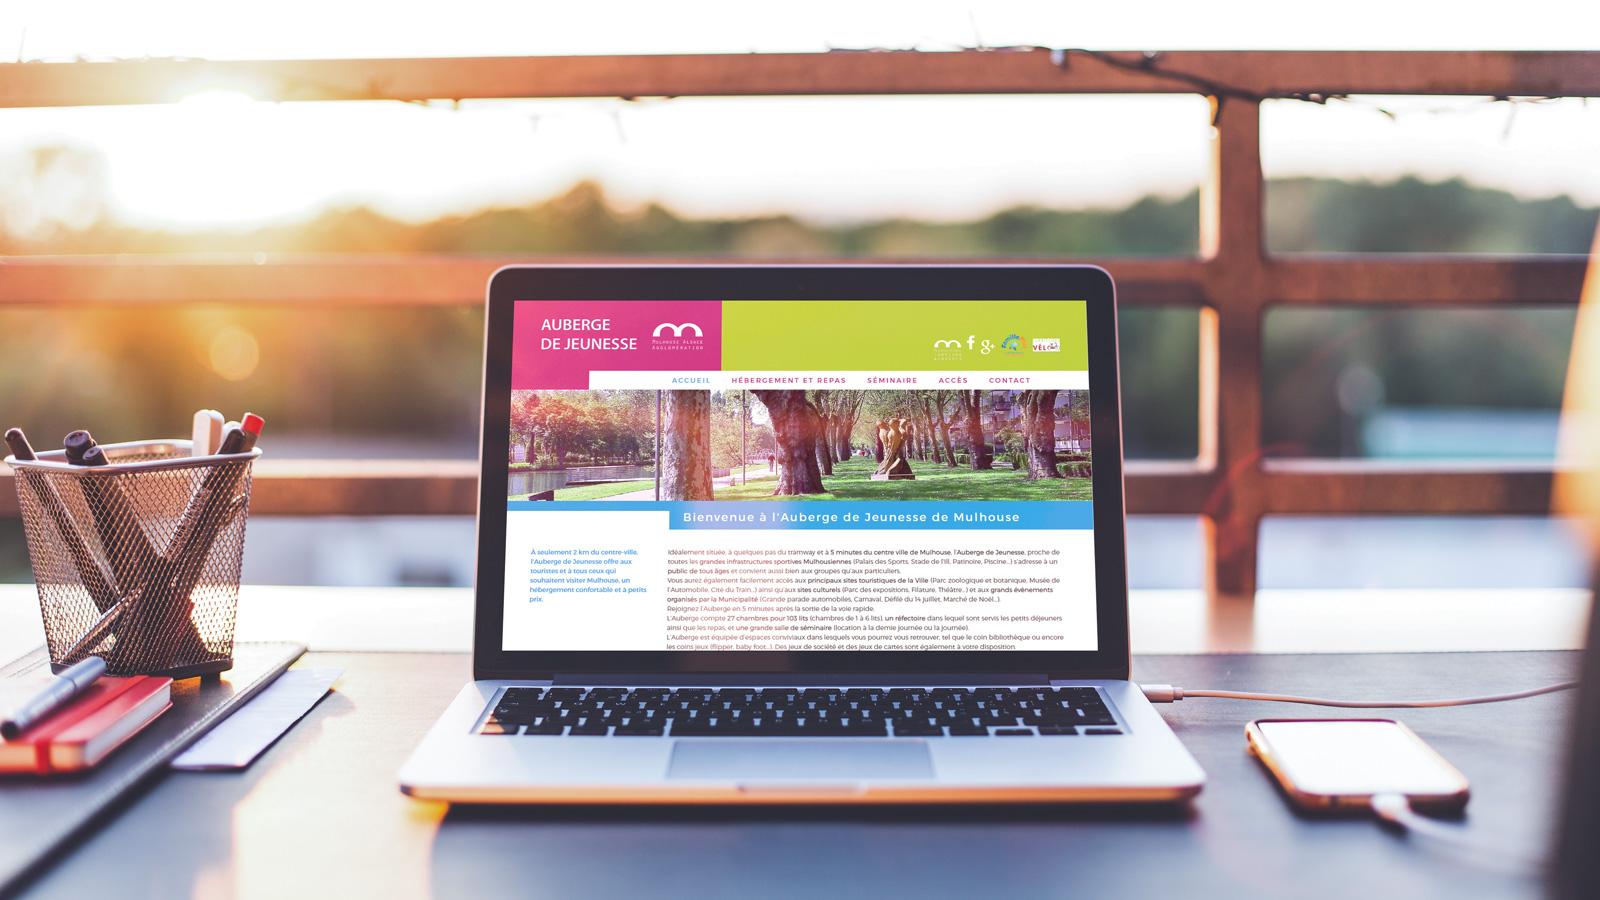 Site web Auberge de Jeunesse de Mulhouse